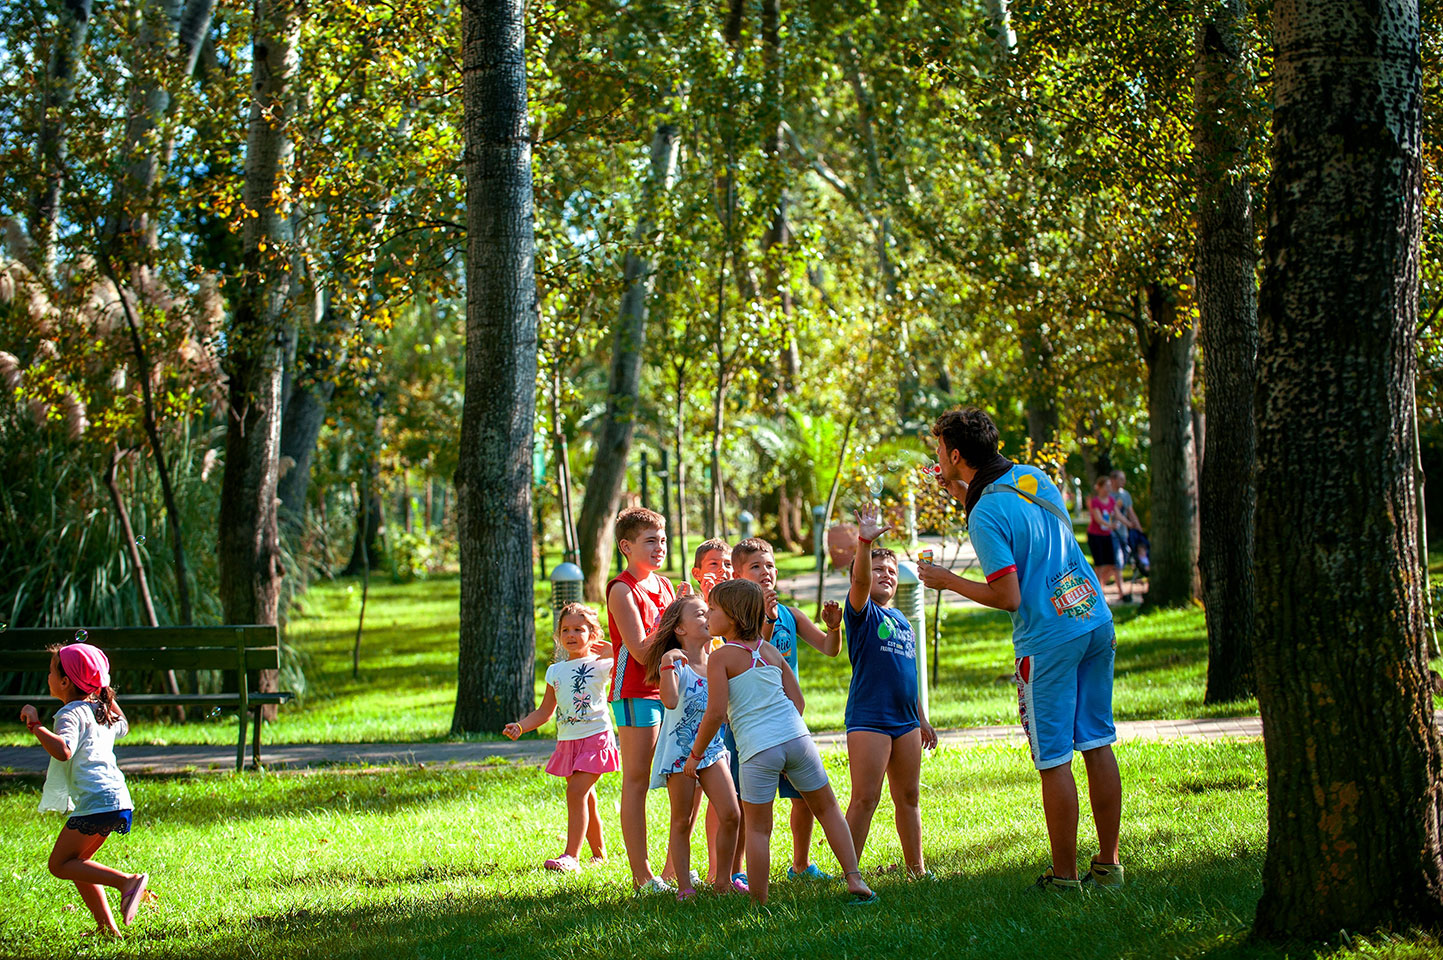 Calaserena village 2018 prenota ora al miglior prezzo for Vacanze in sardegna con bambini